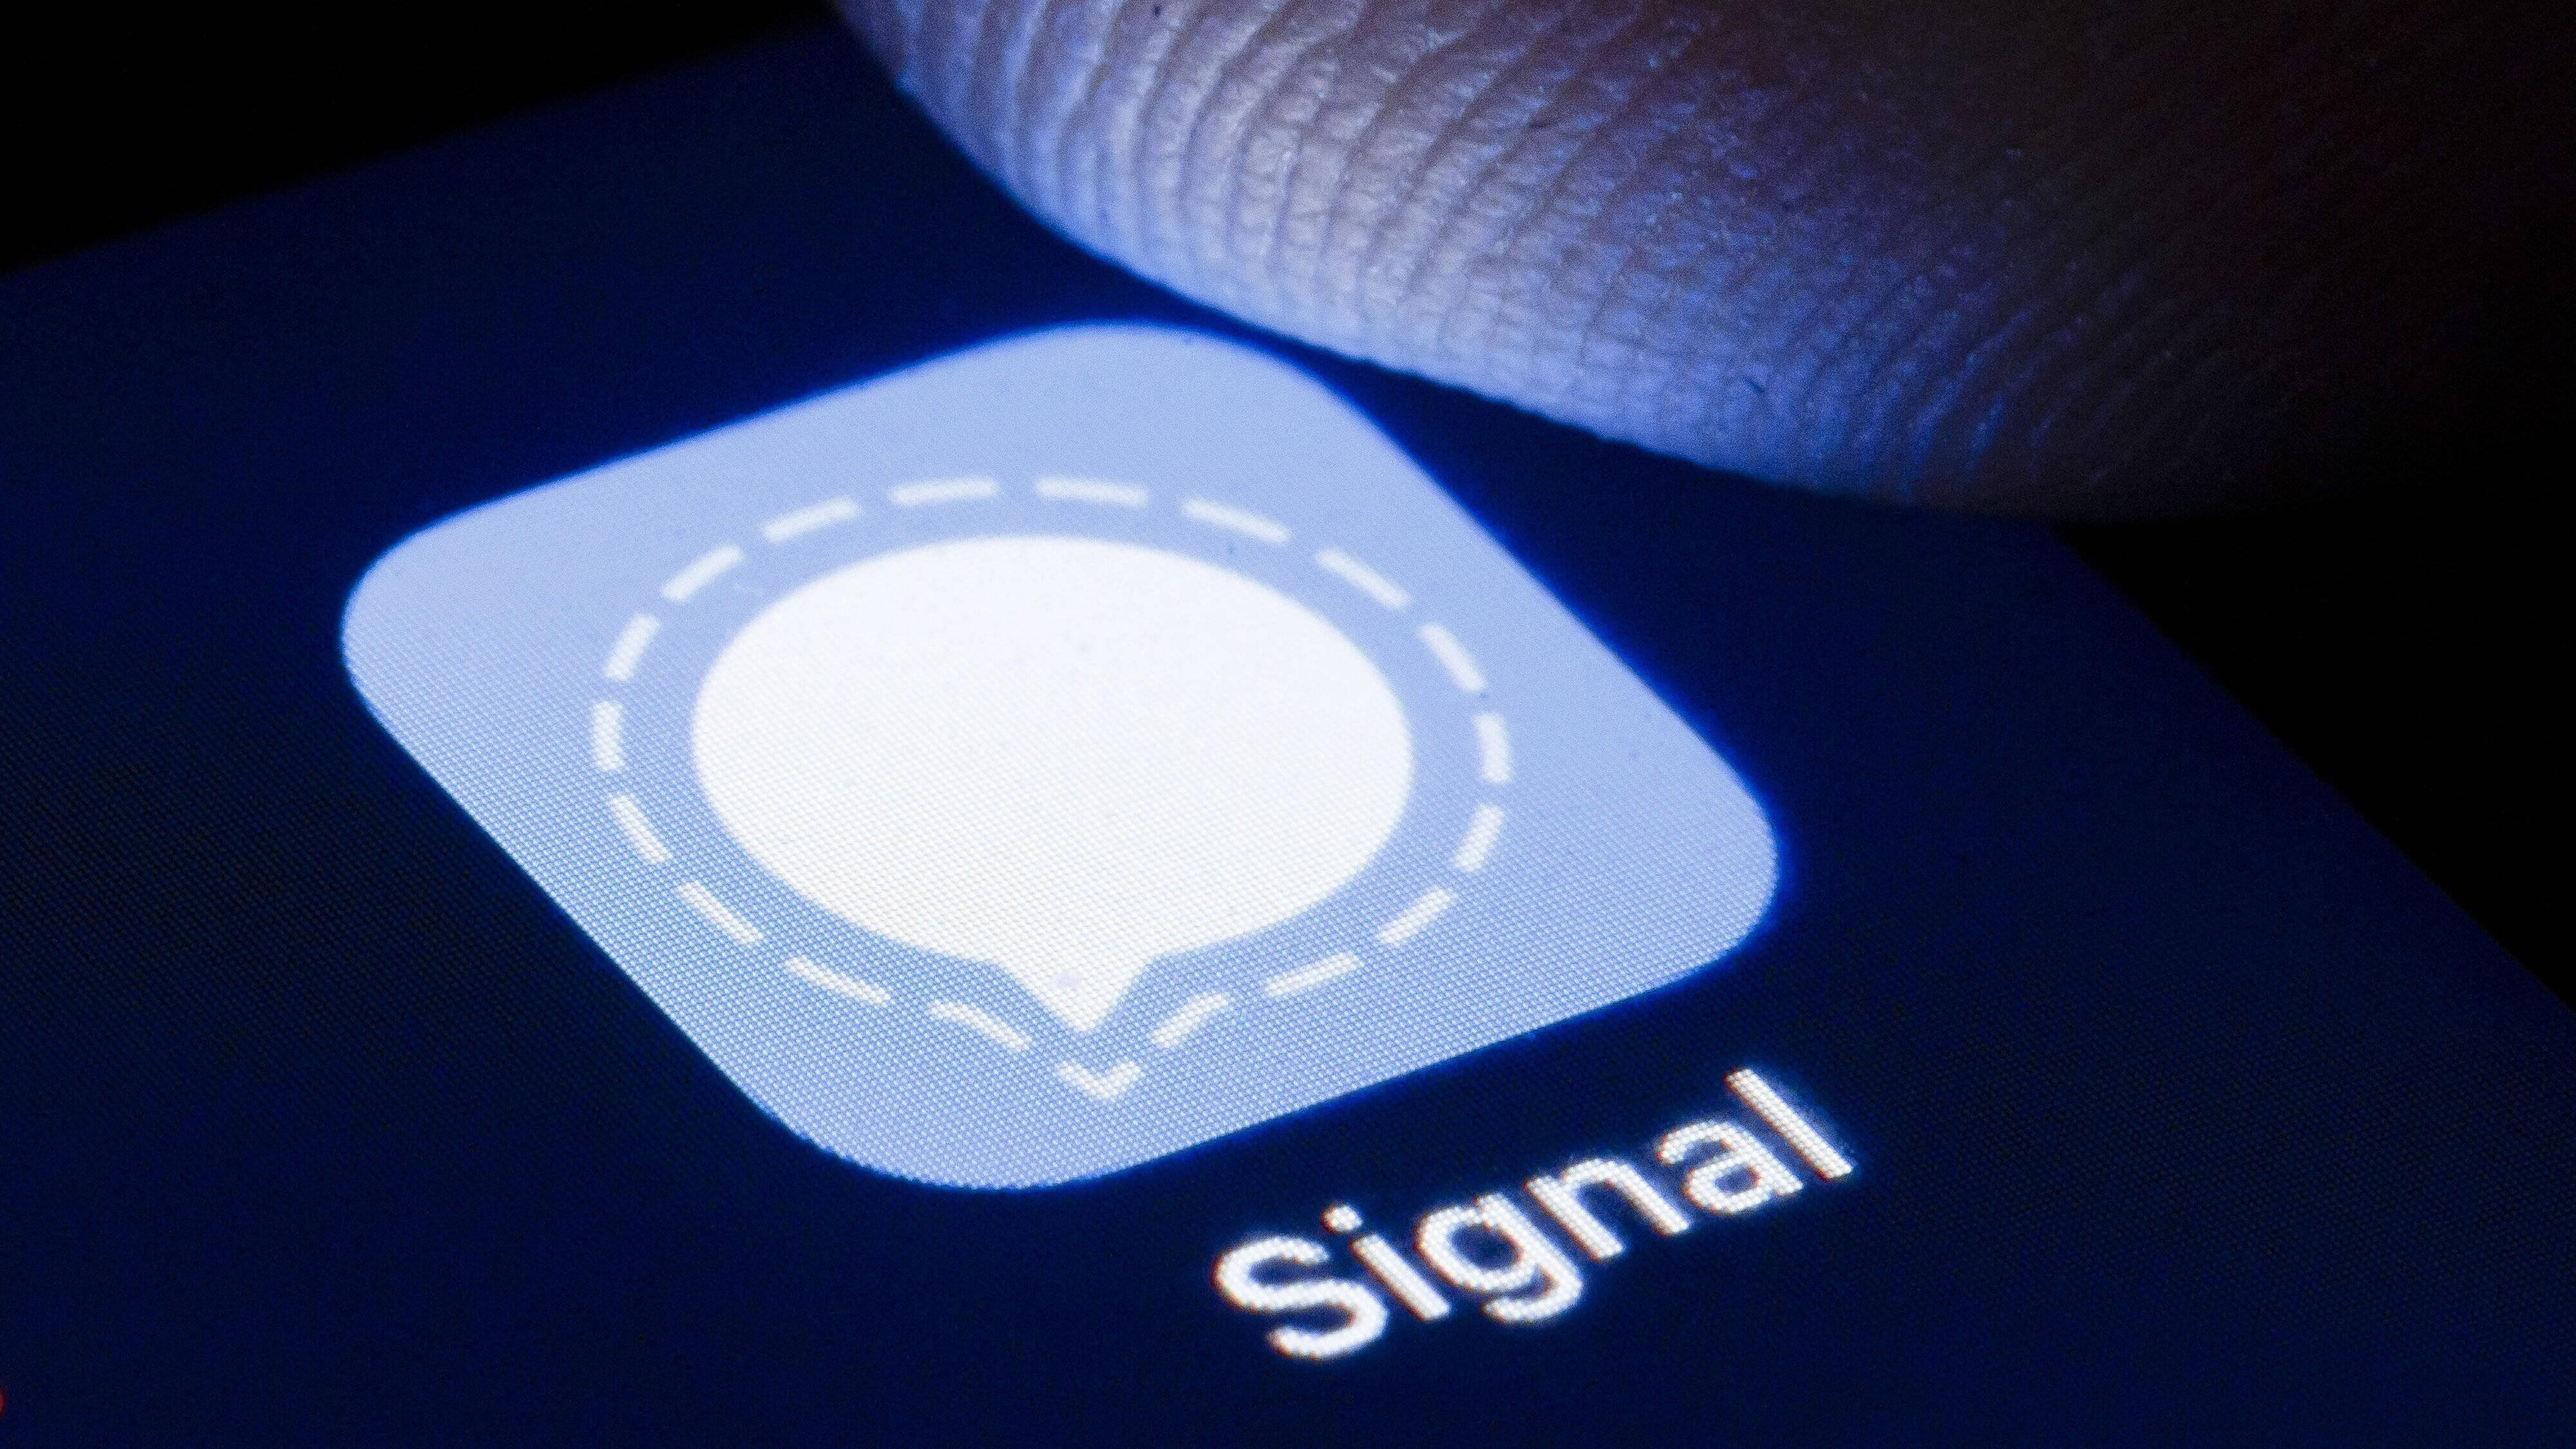 Beim Dienst Signal können Sie sich leider ohne Telefonnummer nicht registrieren.